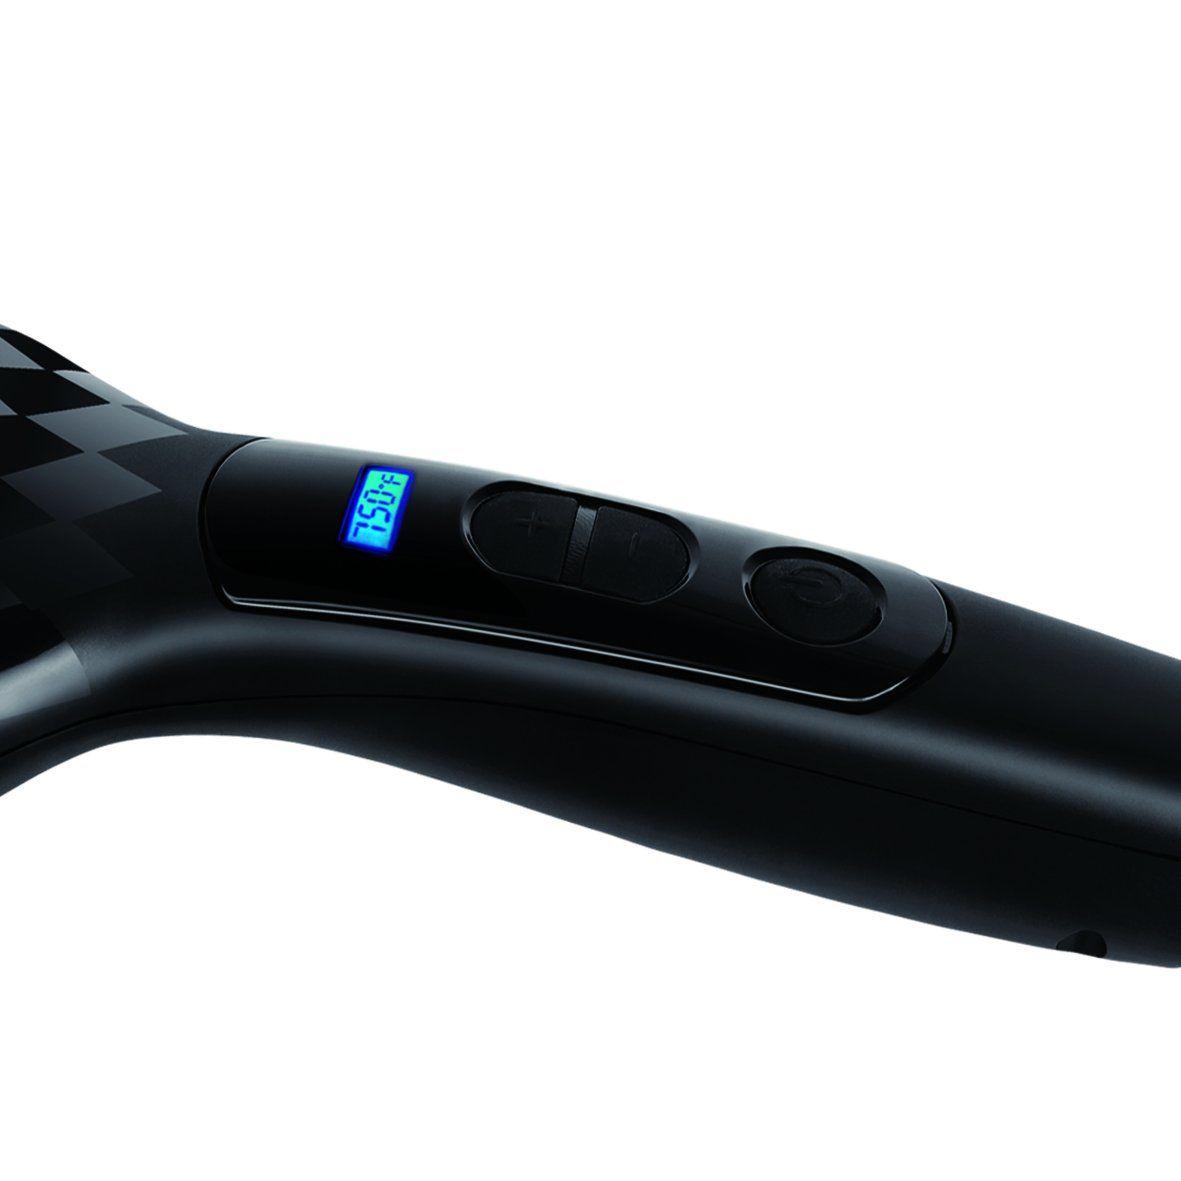 Infiniti Pro By Conair Diamond Infused Ceramic Smoothing Hot Brush Hair Brush Straightener Straightening Brush Conair